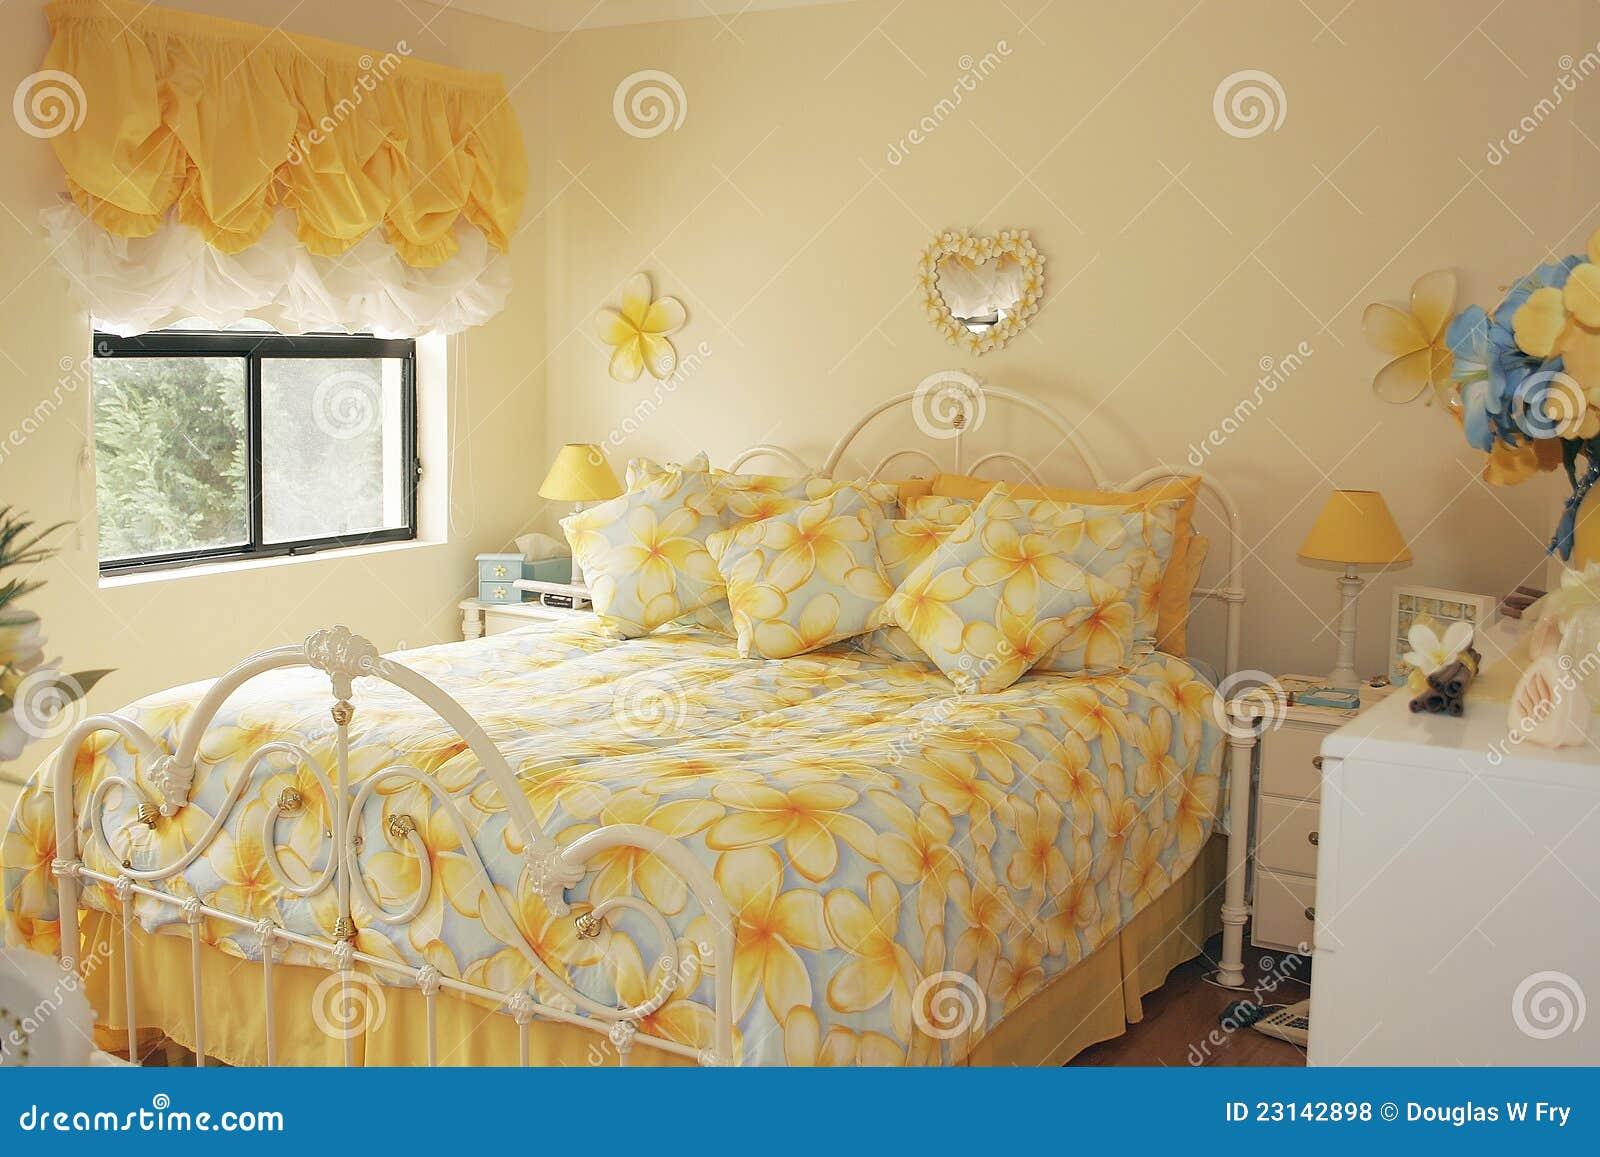 Quarto Colorido Brilhante Fotos de Stock Royalty Free - Imagem ...